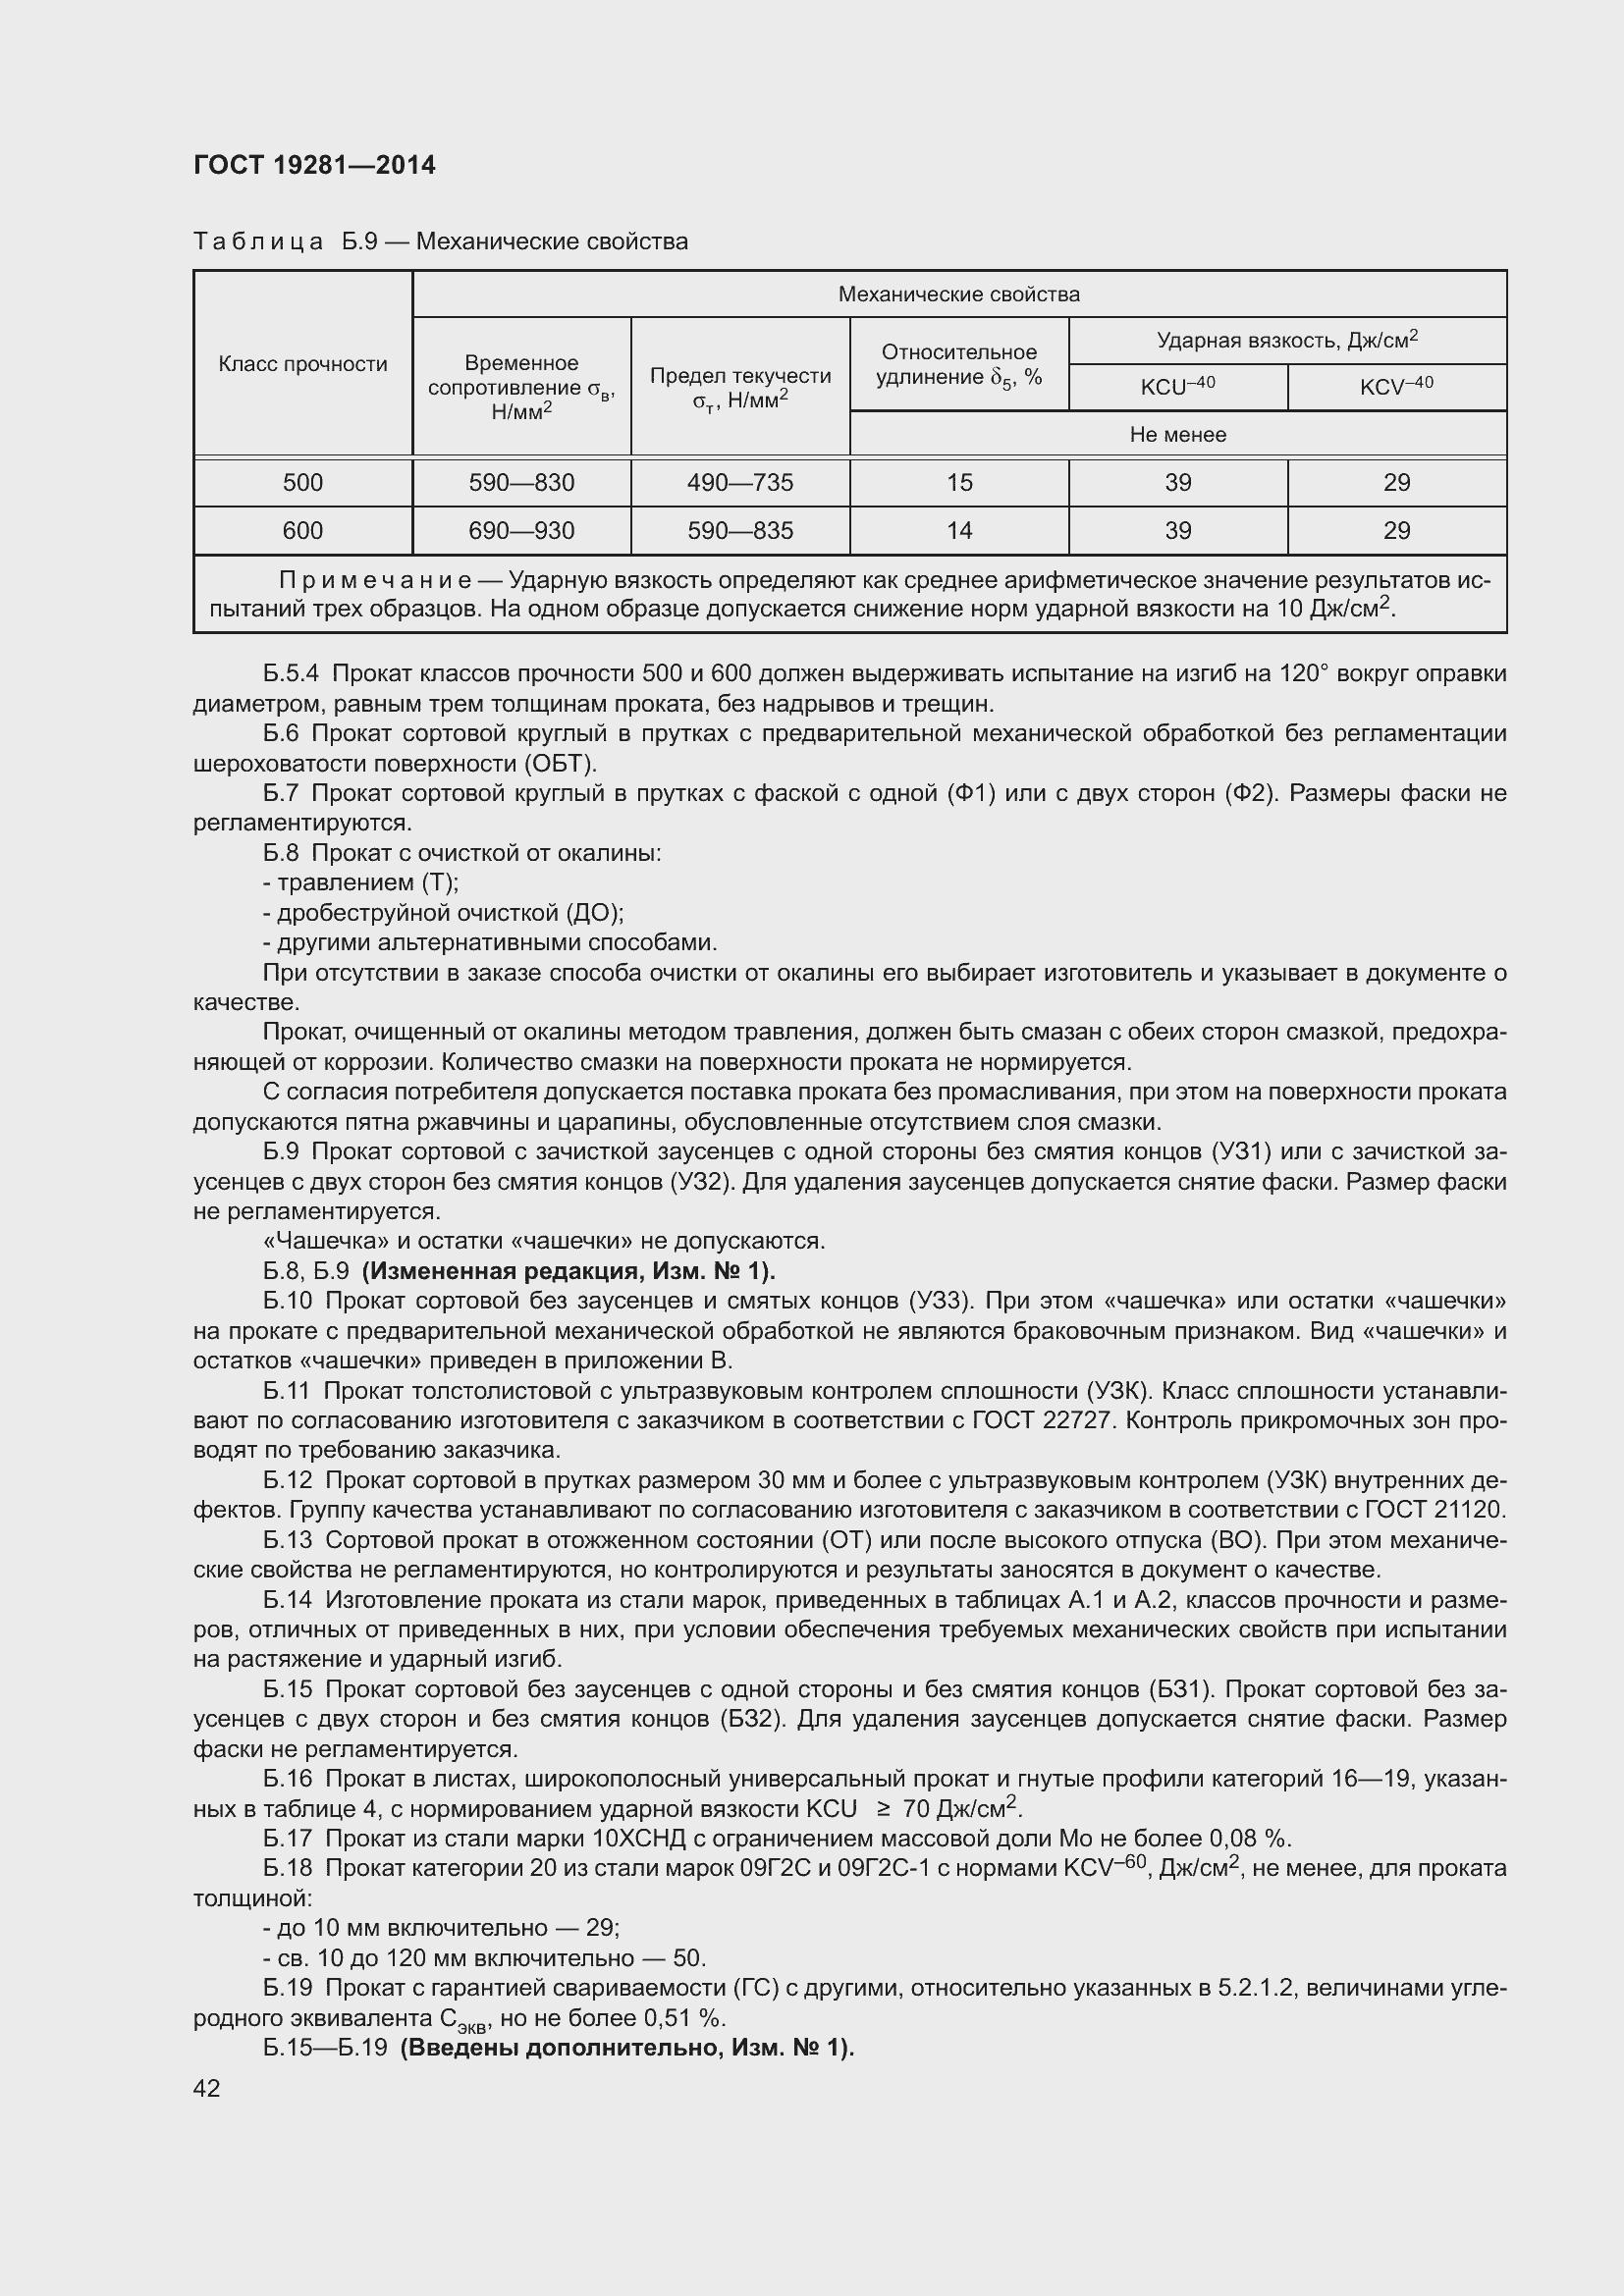 Скачать гост 19281 2017 pdf